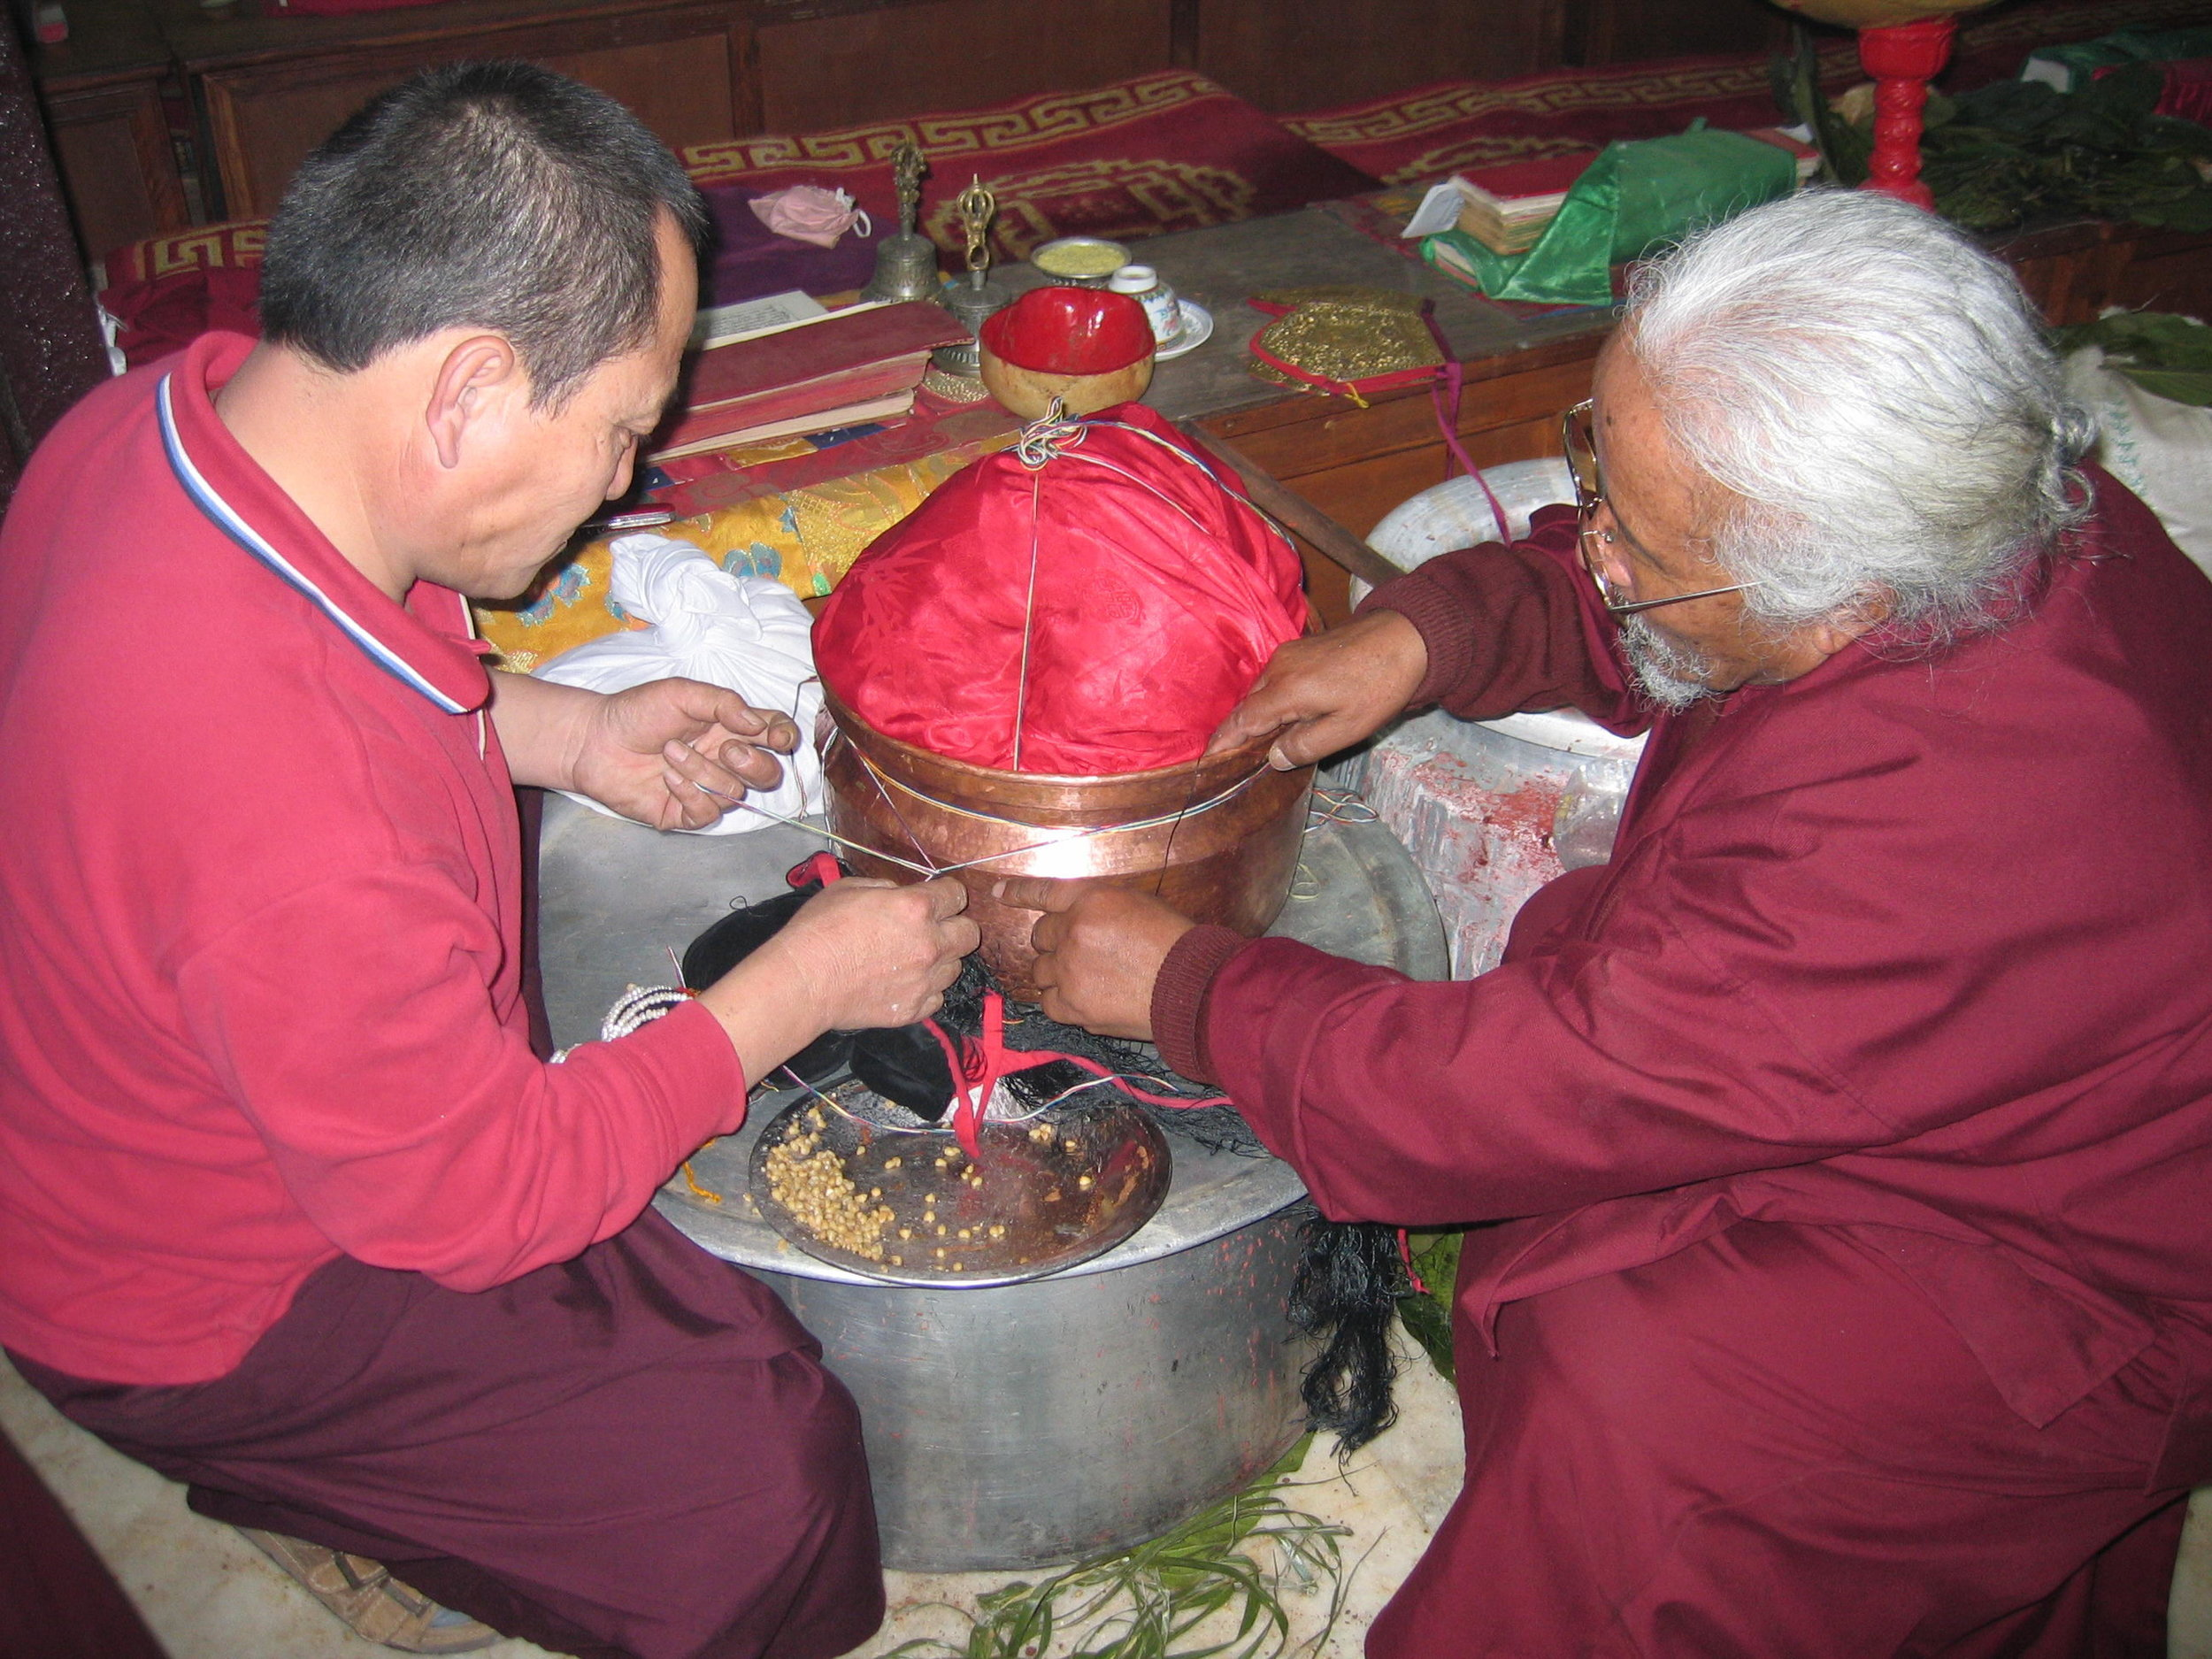 Lama Sonam Tobgye prepares Mendrup for the Mandala